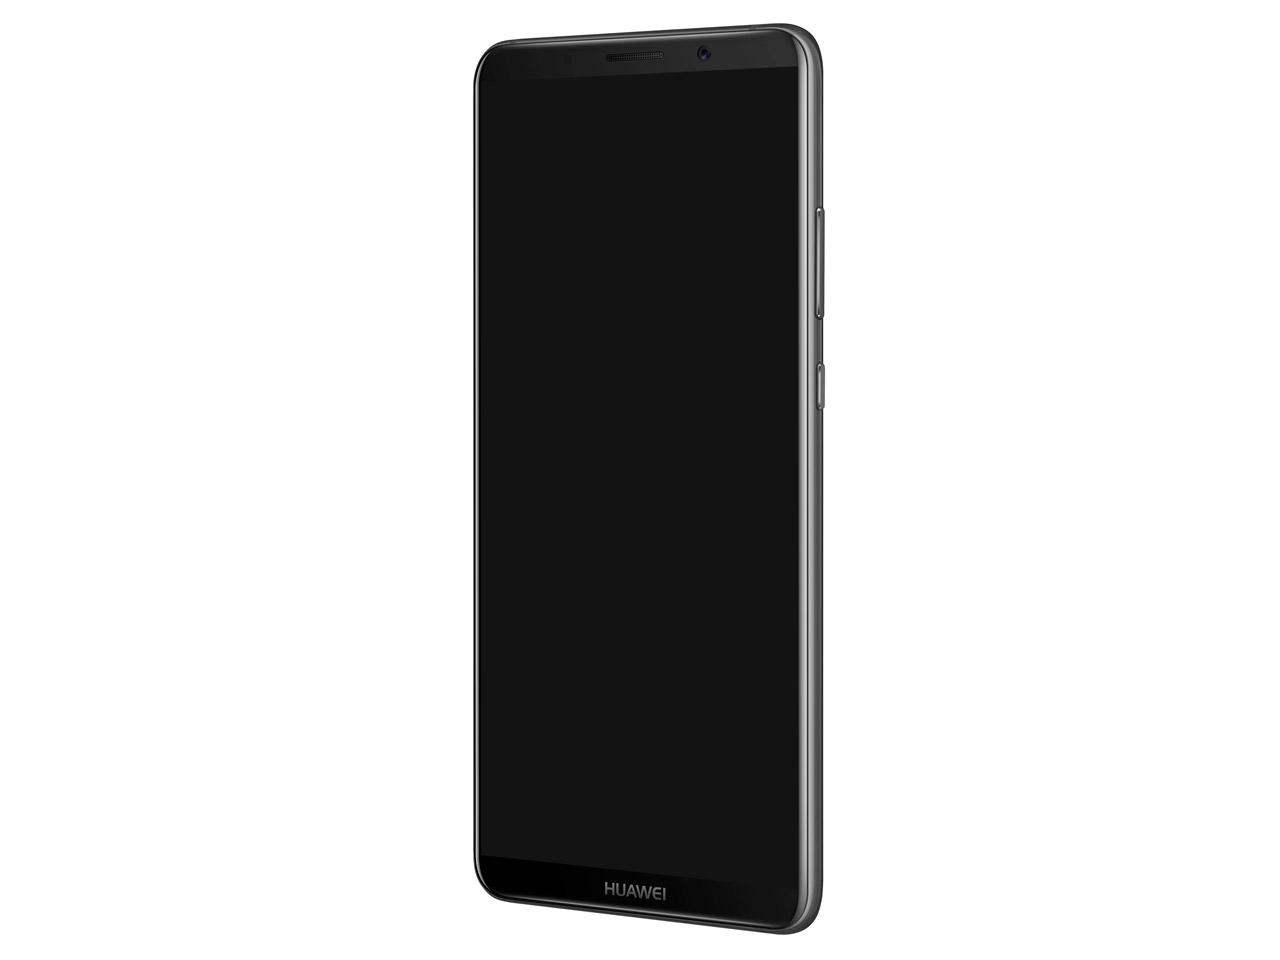 『本体2』 HUAWEI Mate 10 Pro SIMフリー [チタニウムグレー] の製品画像